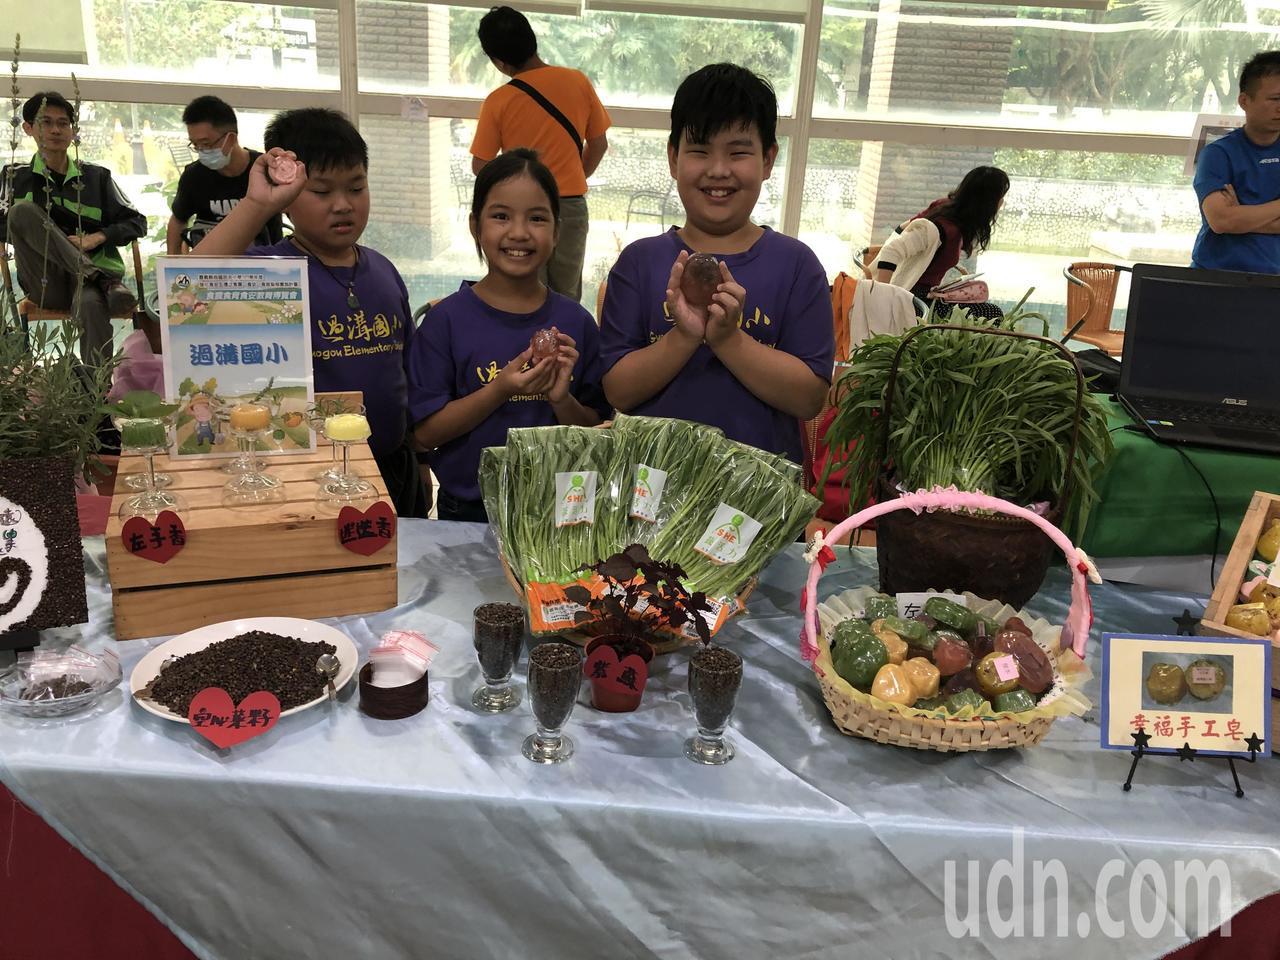 嘉義縣首次食農食育食安教育博覽會,18鄉鎮市18所種子學校,展示琳瑯滿目農產及加...